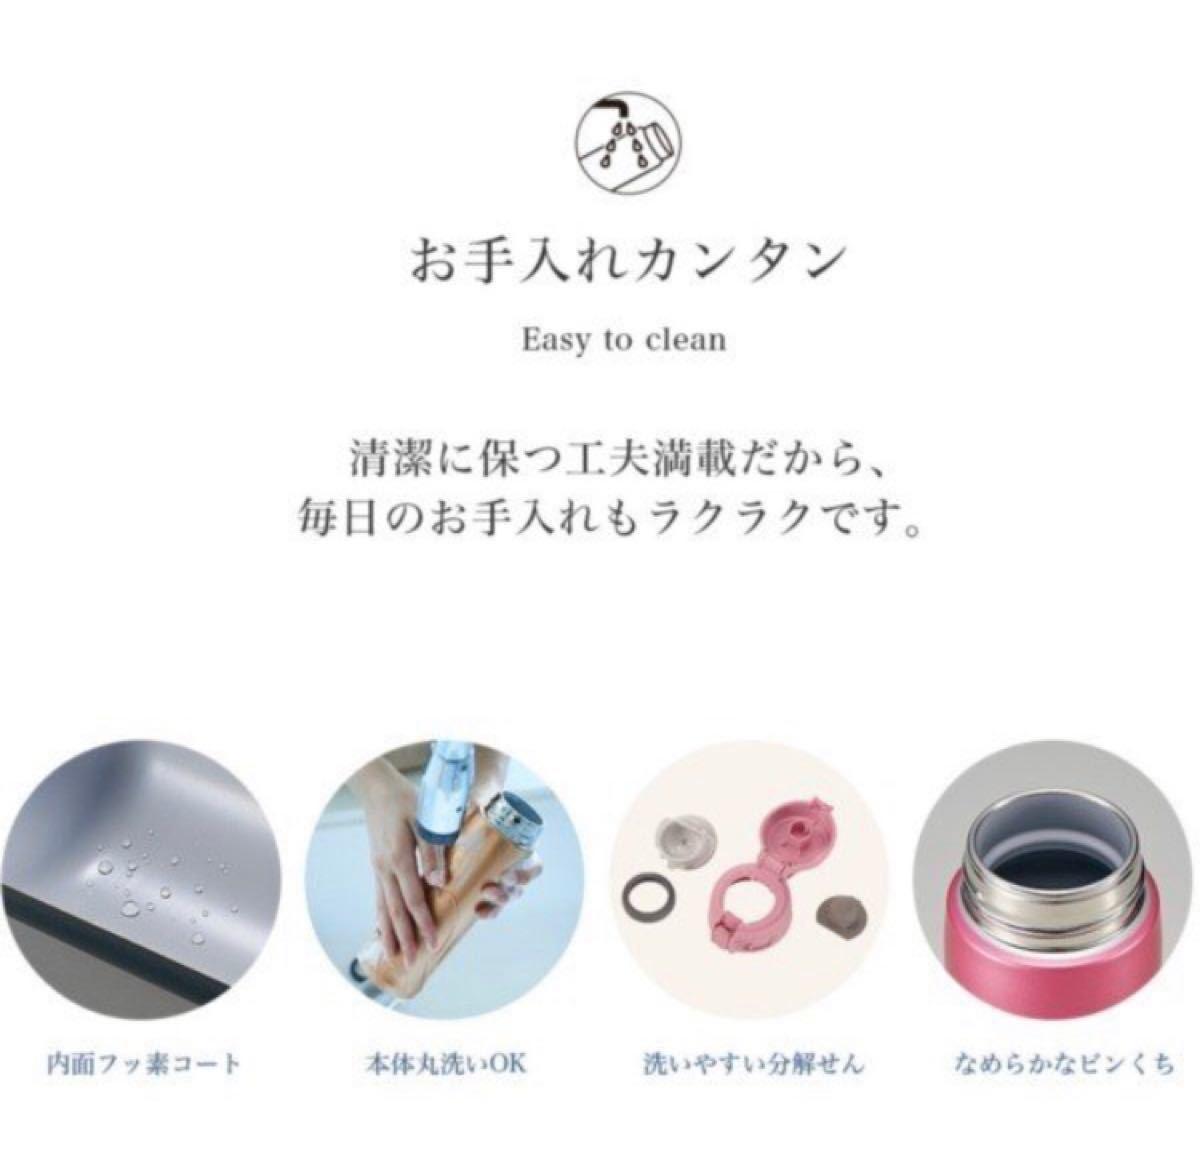 【残りわずか】ステンレスボトル 水筒 ZOJIRUSHI ステンレスマグ ピンク 360ml 早いもの勝ち